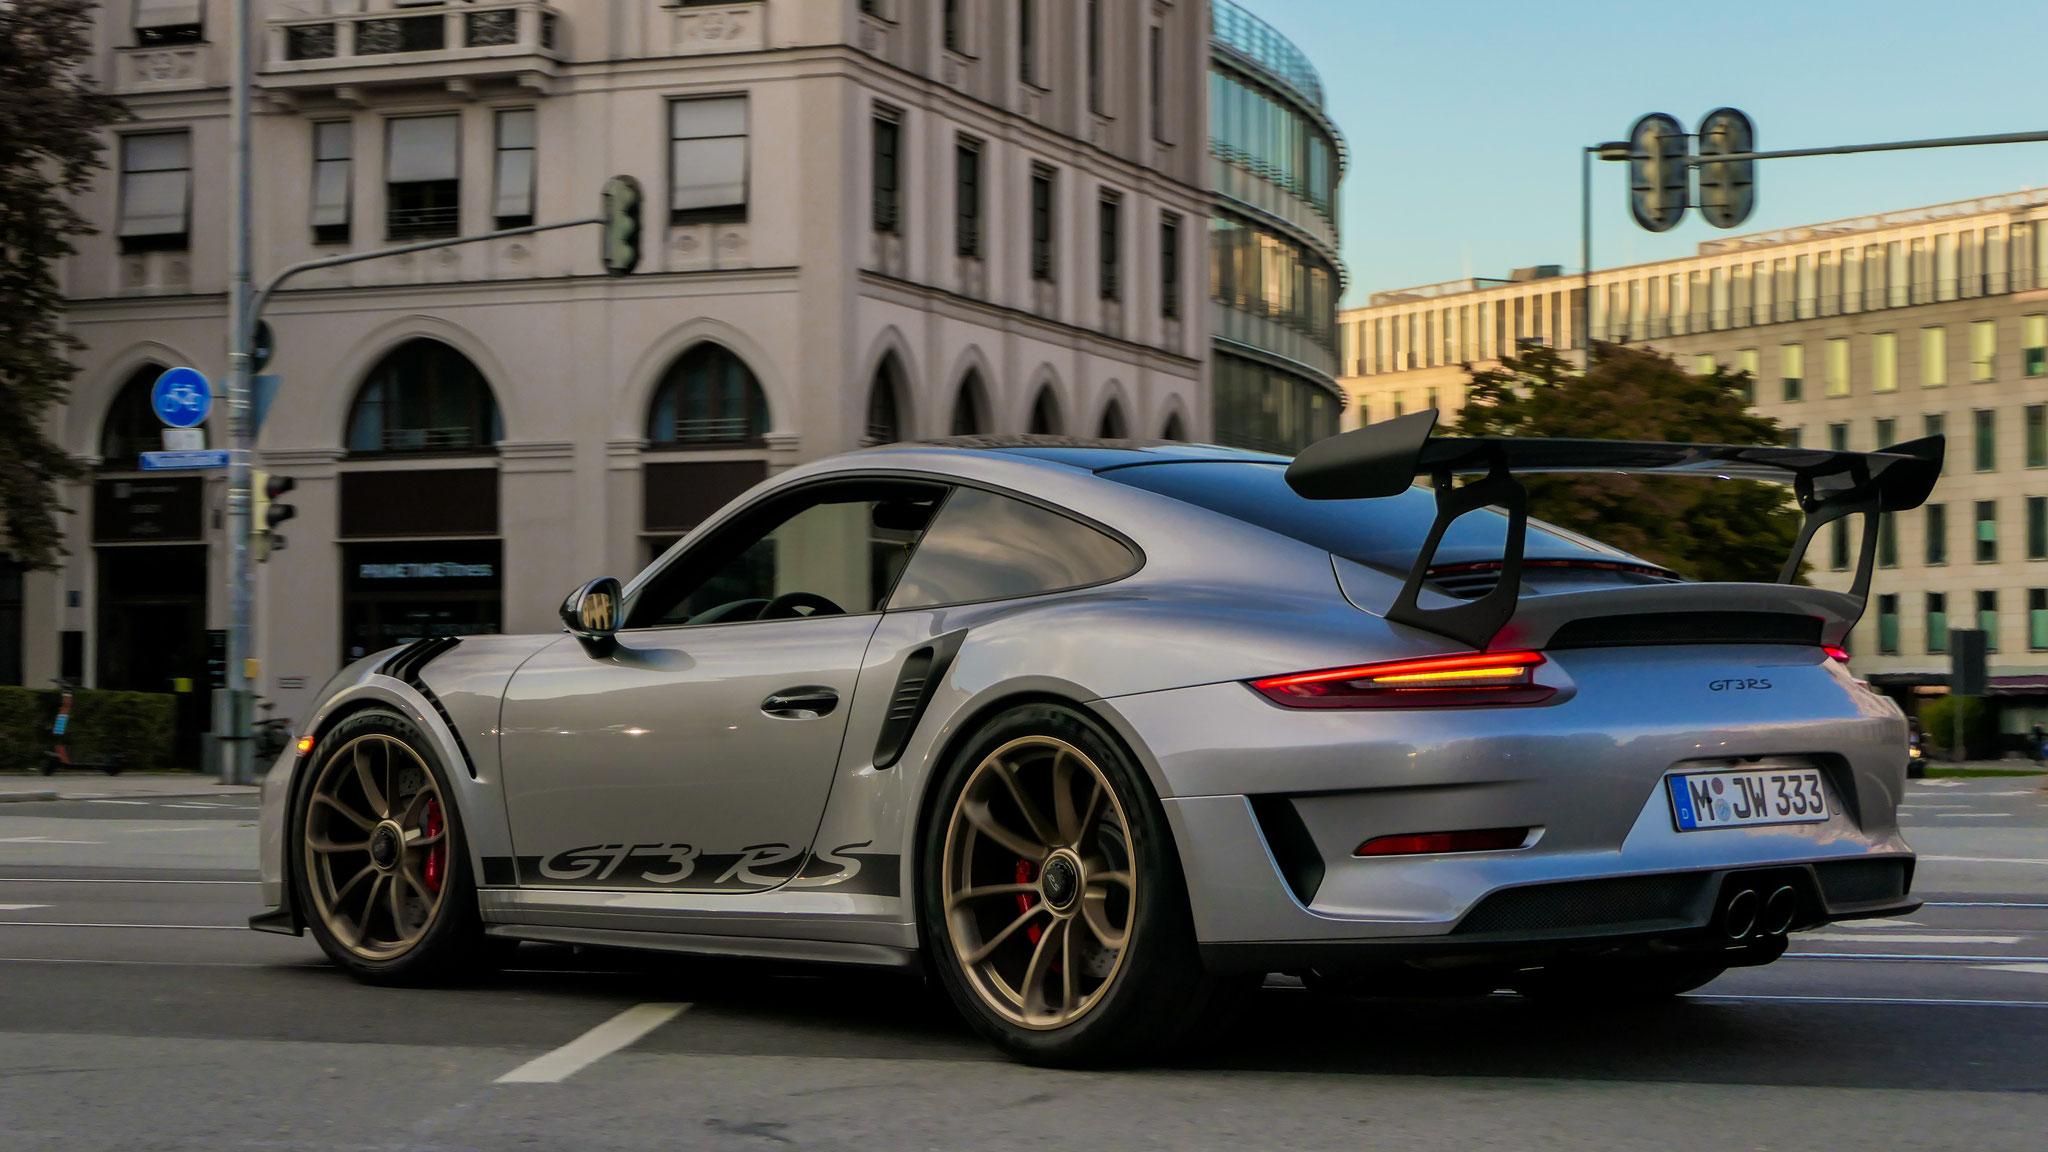 Porsche 911 991.2 GT3 RS - M-JW-333